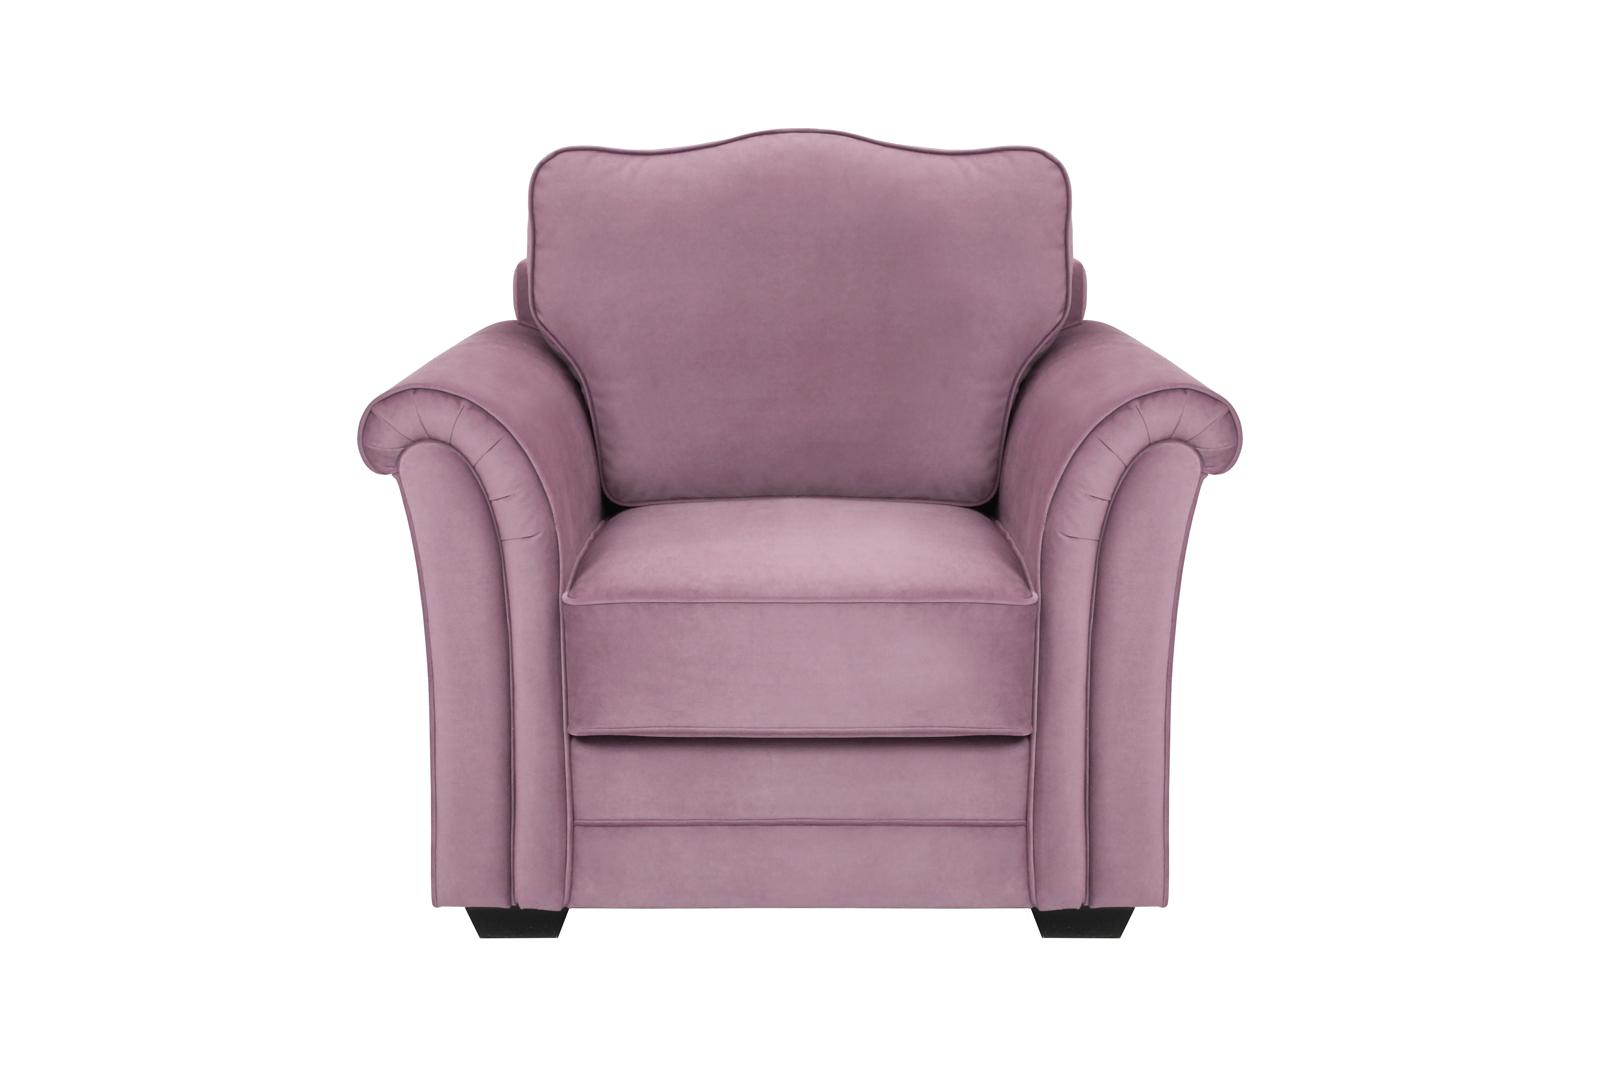 Кресло SydИнтерьерные кресла<br>&amp;lt;div&amp;gt;Это кресло вдохновлено самой природой! Изящные подлокотники, напоминающие по форме панцирь улитки, и спинка, похожая на изящный листик, сочетаются с нежным цветом пиона. Романтичный и элегантный вариант для гостиной в стиле &amp;quot;Прованс&amp;quot;.&amp;lt;/div&amp;gt;&amp;lt;div&amp;gt;&amp;lt;br&amp;gt;&amp;lt;/div&amp;gt;&amp;lt;div&amp;gt;Каркас: деревянный брус, фанера&amp;lt;/div&amp;gt;&amp;lt;div&amp;gt;Сиденье: пружинный блок, пенополиуретан, холлофайбер&amp;lt;/div&amp;gt;&amp;lt;div&amp;gt;Лицевой чехол: несъёмный&amp;lt;/div&amp;gt;&amp;lt;div&amp;gt;Ширина сиденья:54 см.&amp;lt;/div&amp;gt;&amp;lt;div&amp;gt;Глубина сиденья:57 см.&amp;lt;/div&amp;gt;&amp;lt;div&amp;gt;Высота сиденья:48 см.&amp;lt;/div&amp;gt;<br><br>Material: Текстиль<br>Ширина см: 103<br>Высота см: 97<br>Глубина см: 103